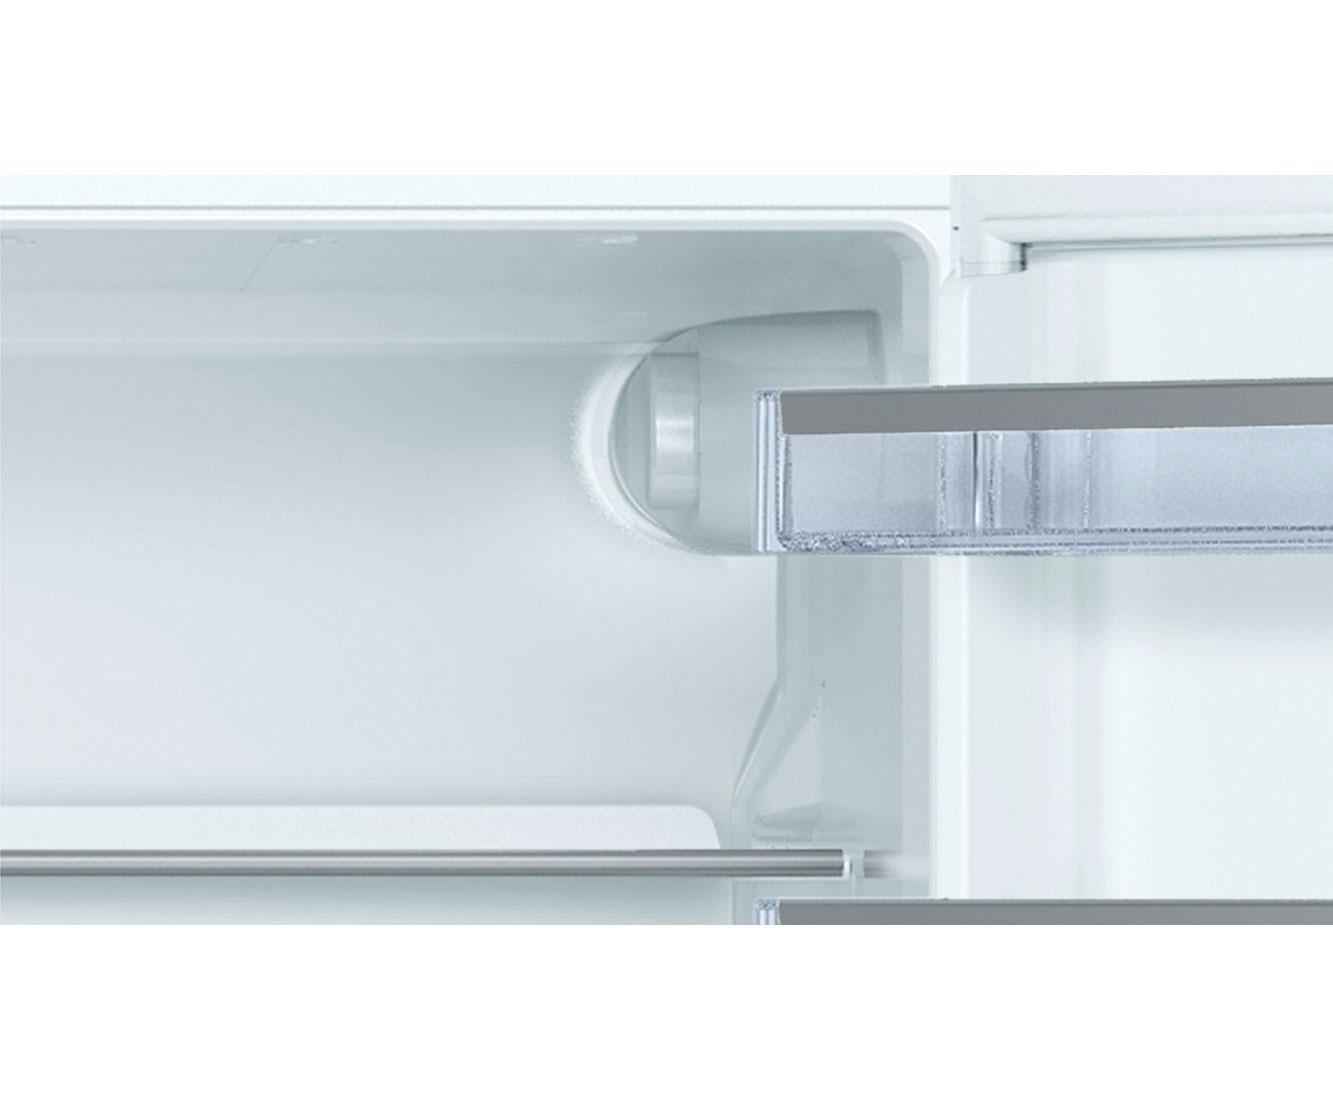 Bosch Retro Kühlschrank Neu : Bosch serie 6 kur15a60 unterbau kühlschrank 82er nische festtür